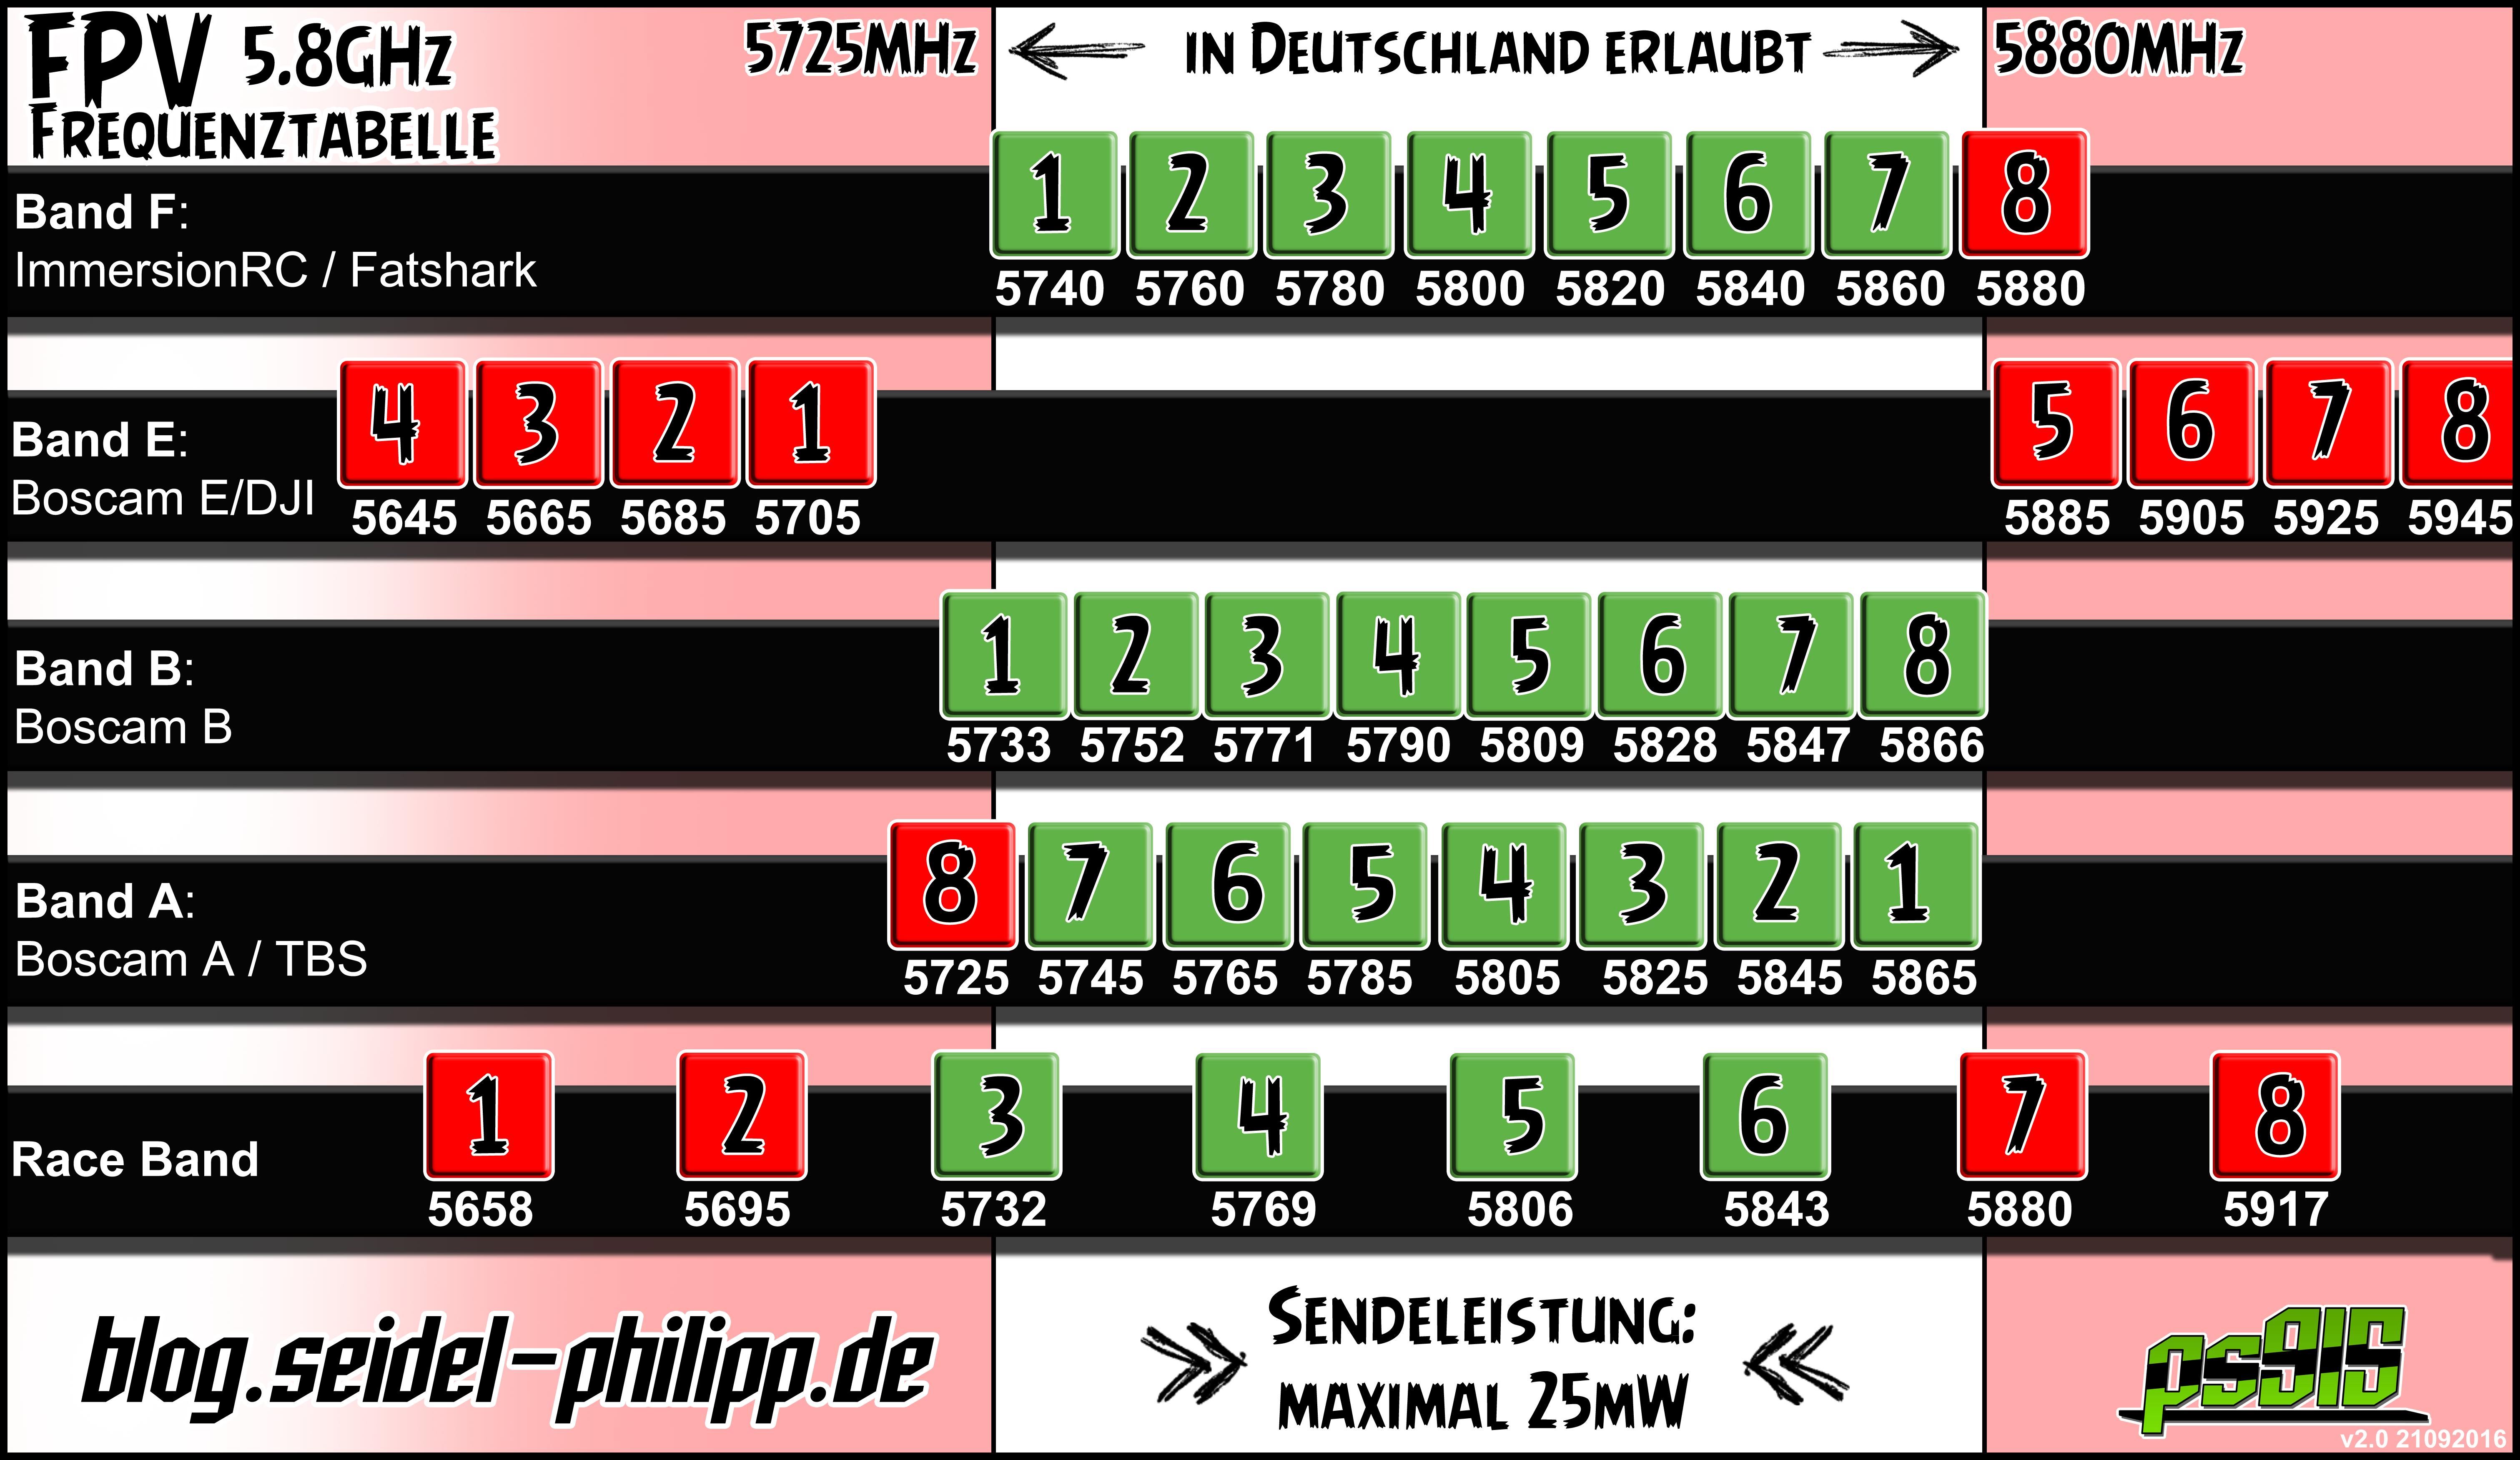 5,8 GHz FPV Video Frequenzen für Deutschland